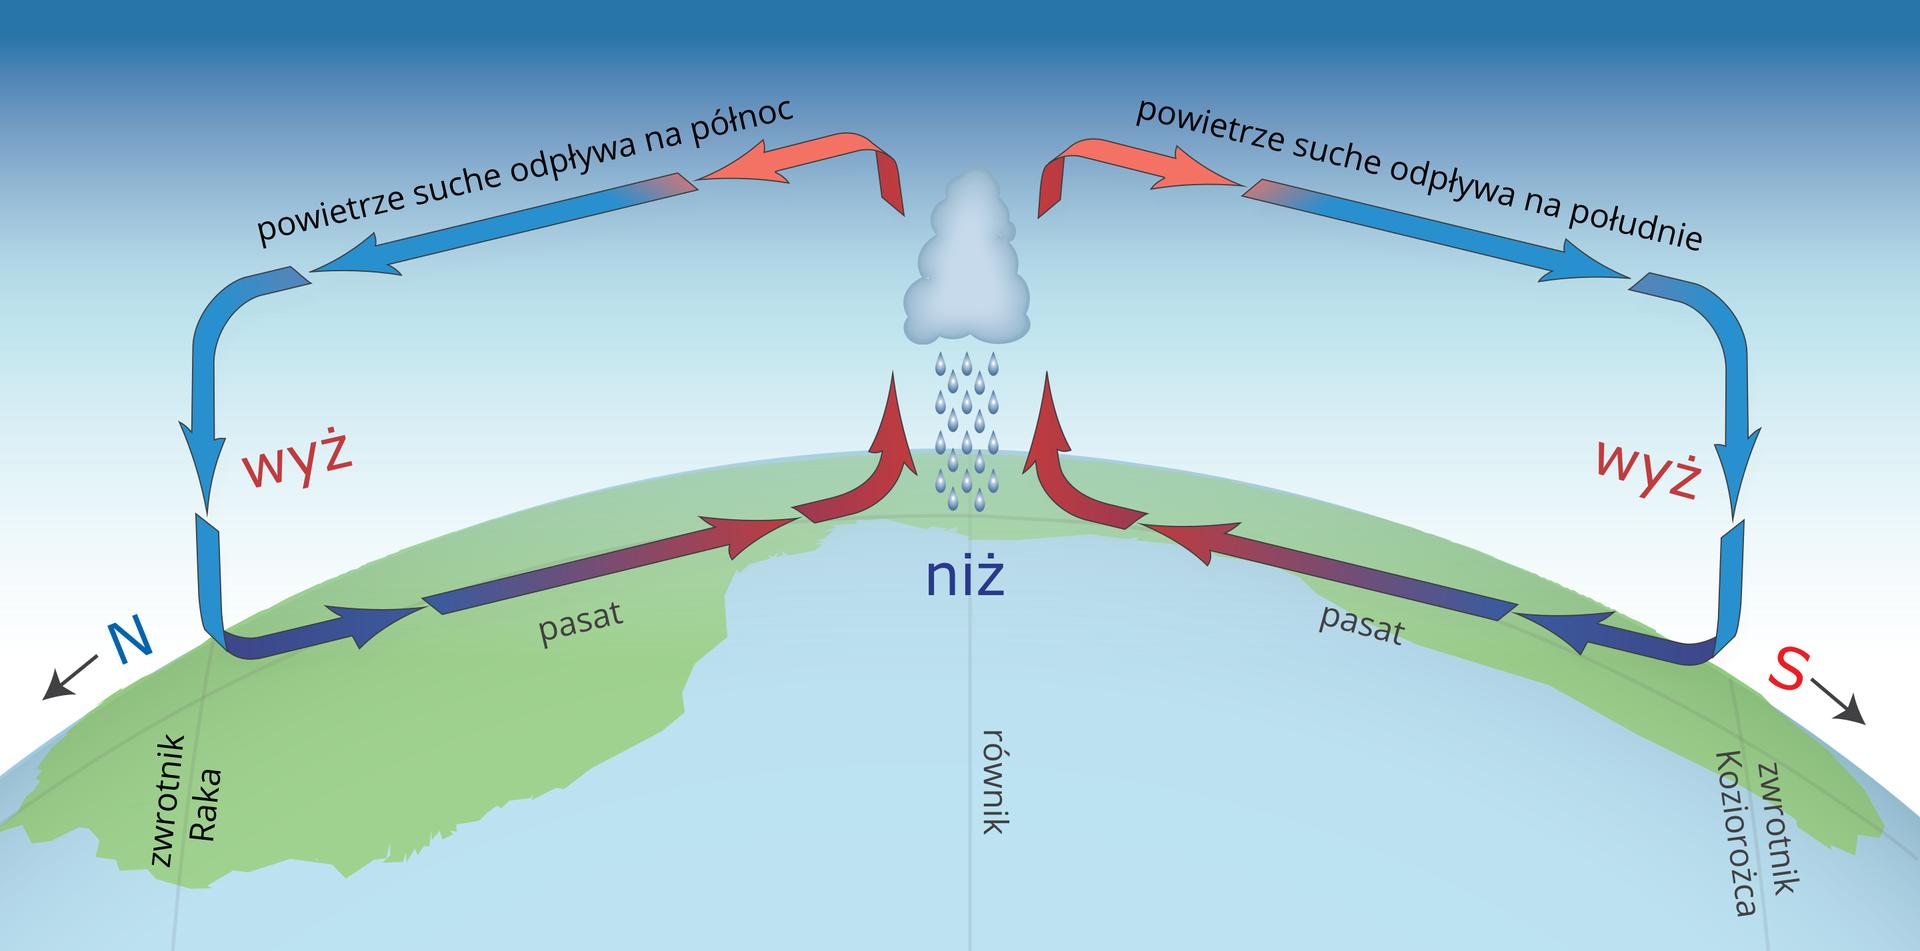 Ilustracja przedstawia fragment kuli ziemskiej od zwrotnika Raka do zwrotnika Koziorożca. Odwrócono go tak, że przez środek fragmentu kuli ziemskiej zgóry na dół przechodzi równik. Na równiku opisano niż. Nad równikiem chmura ikrople deszczu. Na lewo iprawo od chmury wiejące wiatry. Kierunek wiatrów wskazują niebieskie iczerwone strzałki. Nad równikiem na wysokości chmury, strzałki rozchodzą się poziomo na lewo ina prawo. To antypasaty. Strzałki skręcają wstronę powierzchni Ziemi na wysokości zwrotników gdzie opisano wyż. Przy powierzchni Ziemi, strzałki poziomo skierowane wstronę równika. Opisano je jako pasaty. Strzałki wskazują stałą cyrkulację wiatru od równika iponownie wkierunku równika.